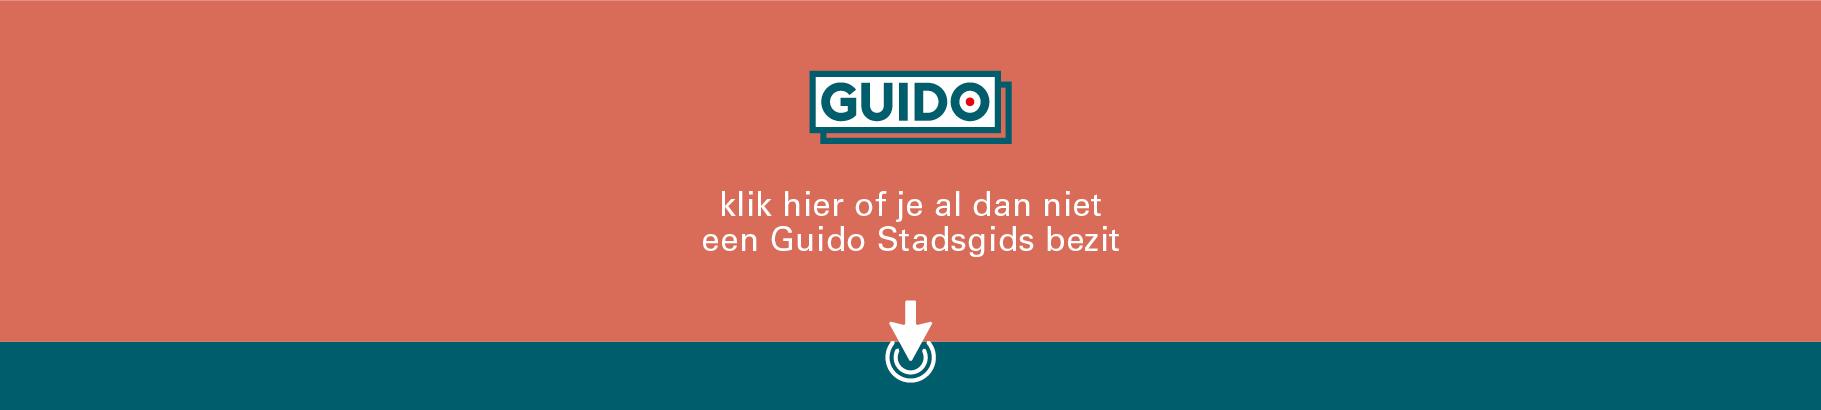 GUIDO-gids enquête